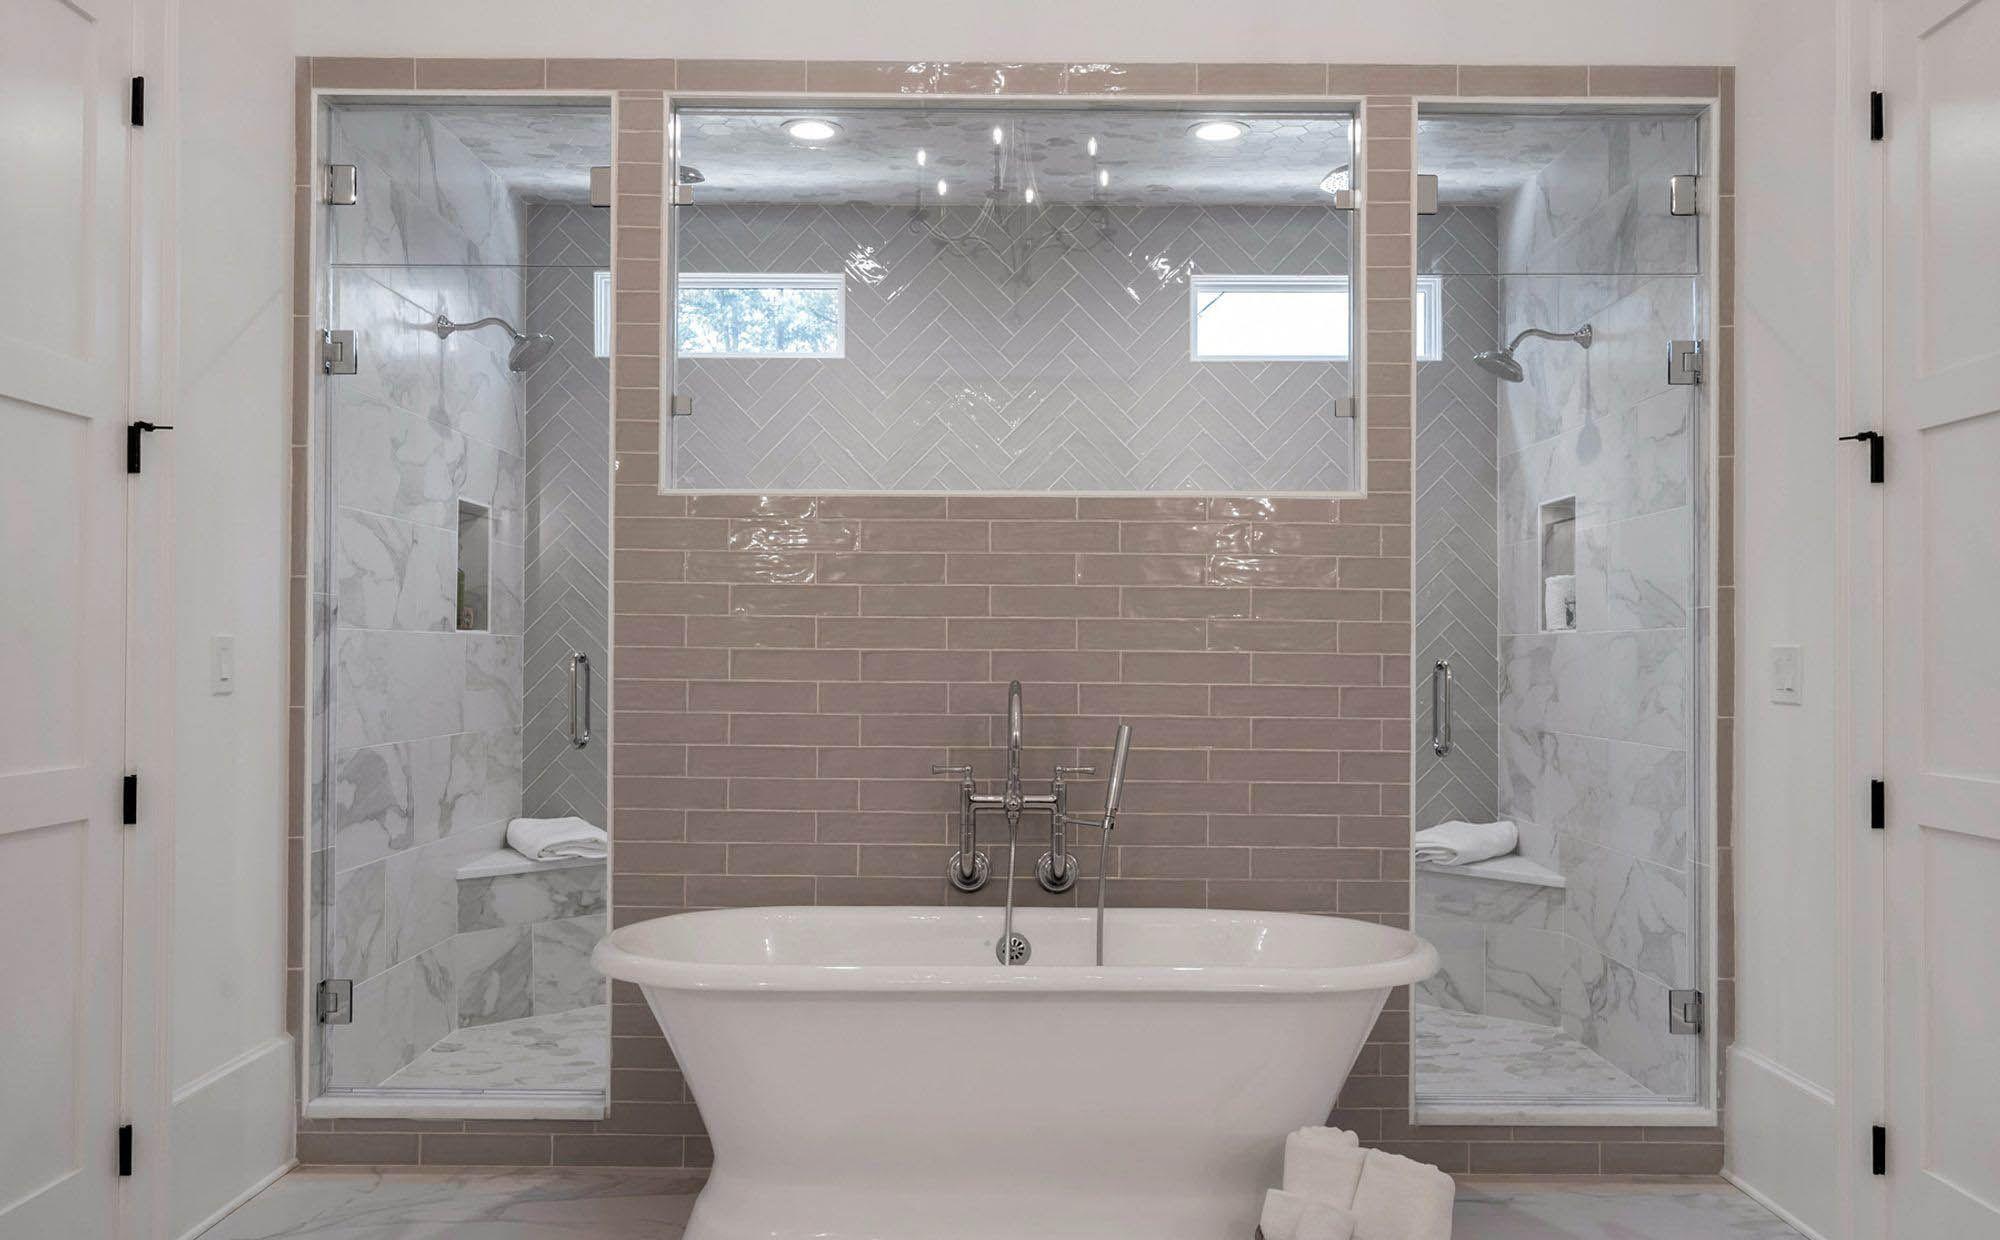 Modern Bathroom Design Ideas 2019 Modern Bathroom Pics Gambrick In 2020 Modern Bathroom Design Modern Bathroom Modern Master Bathroom Design